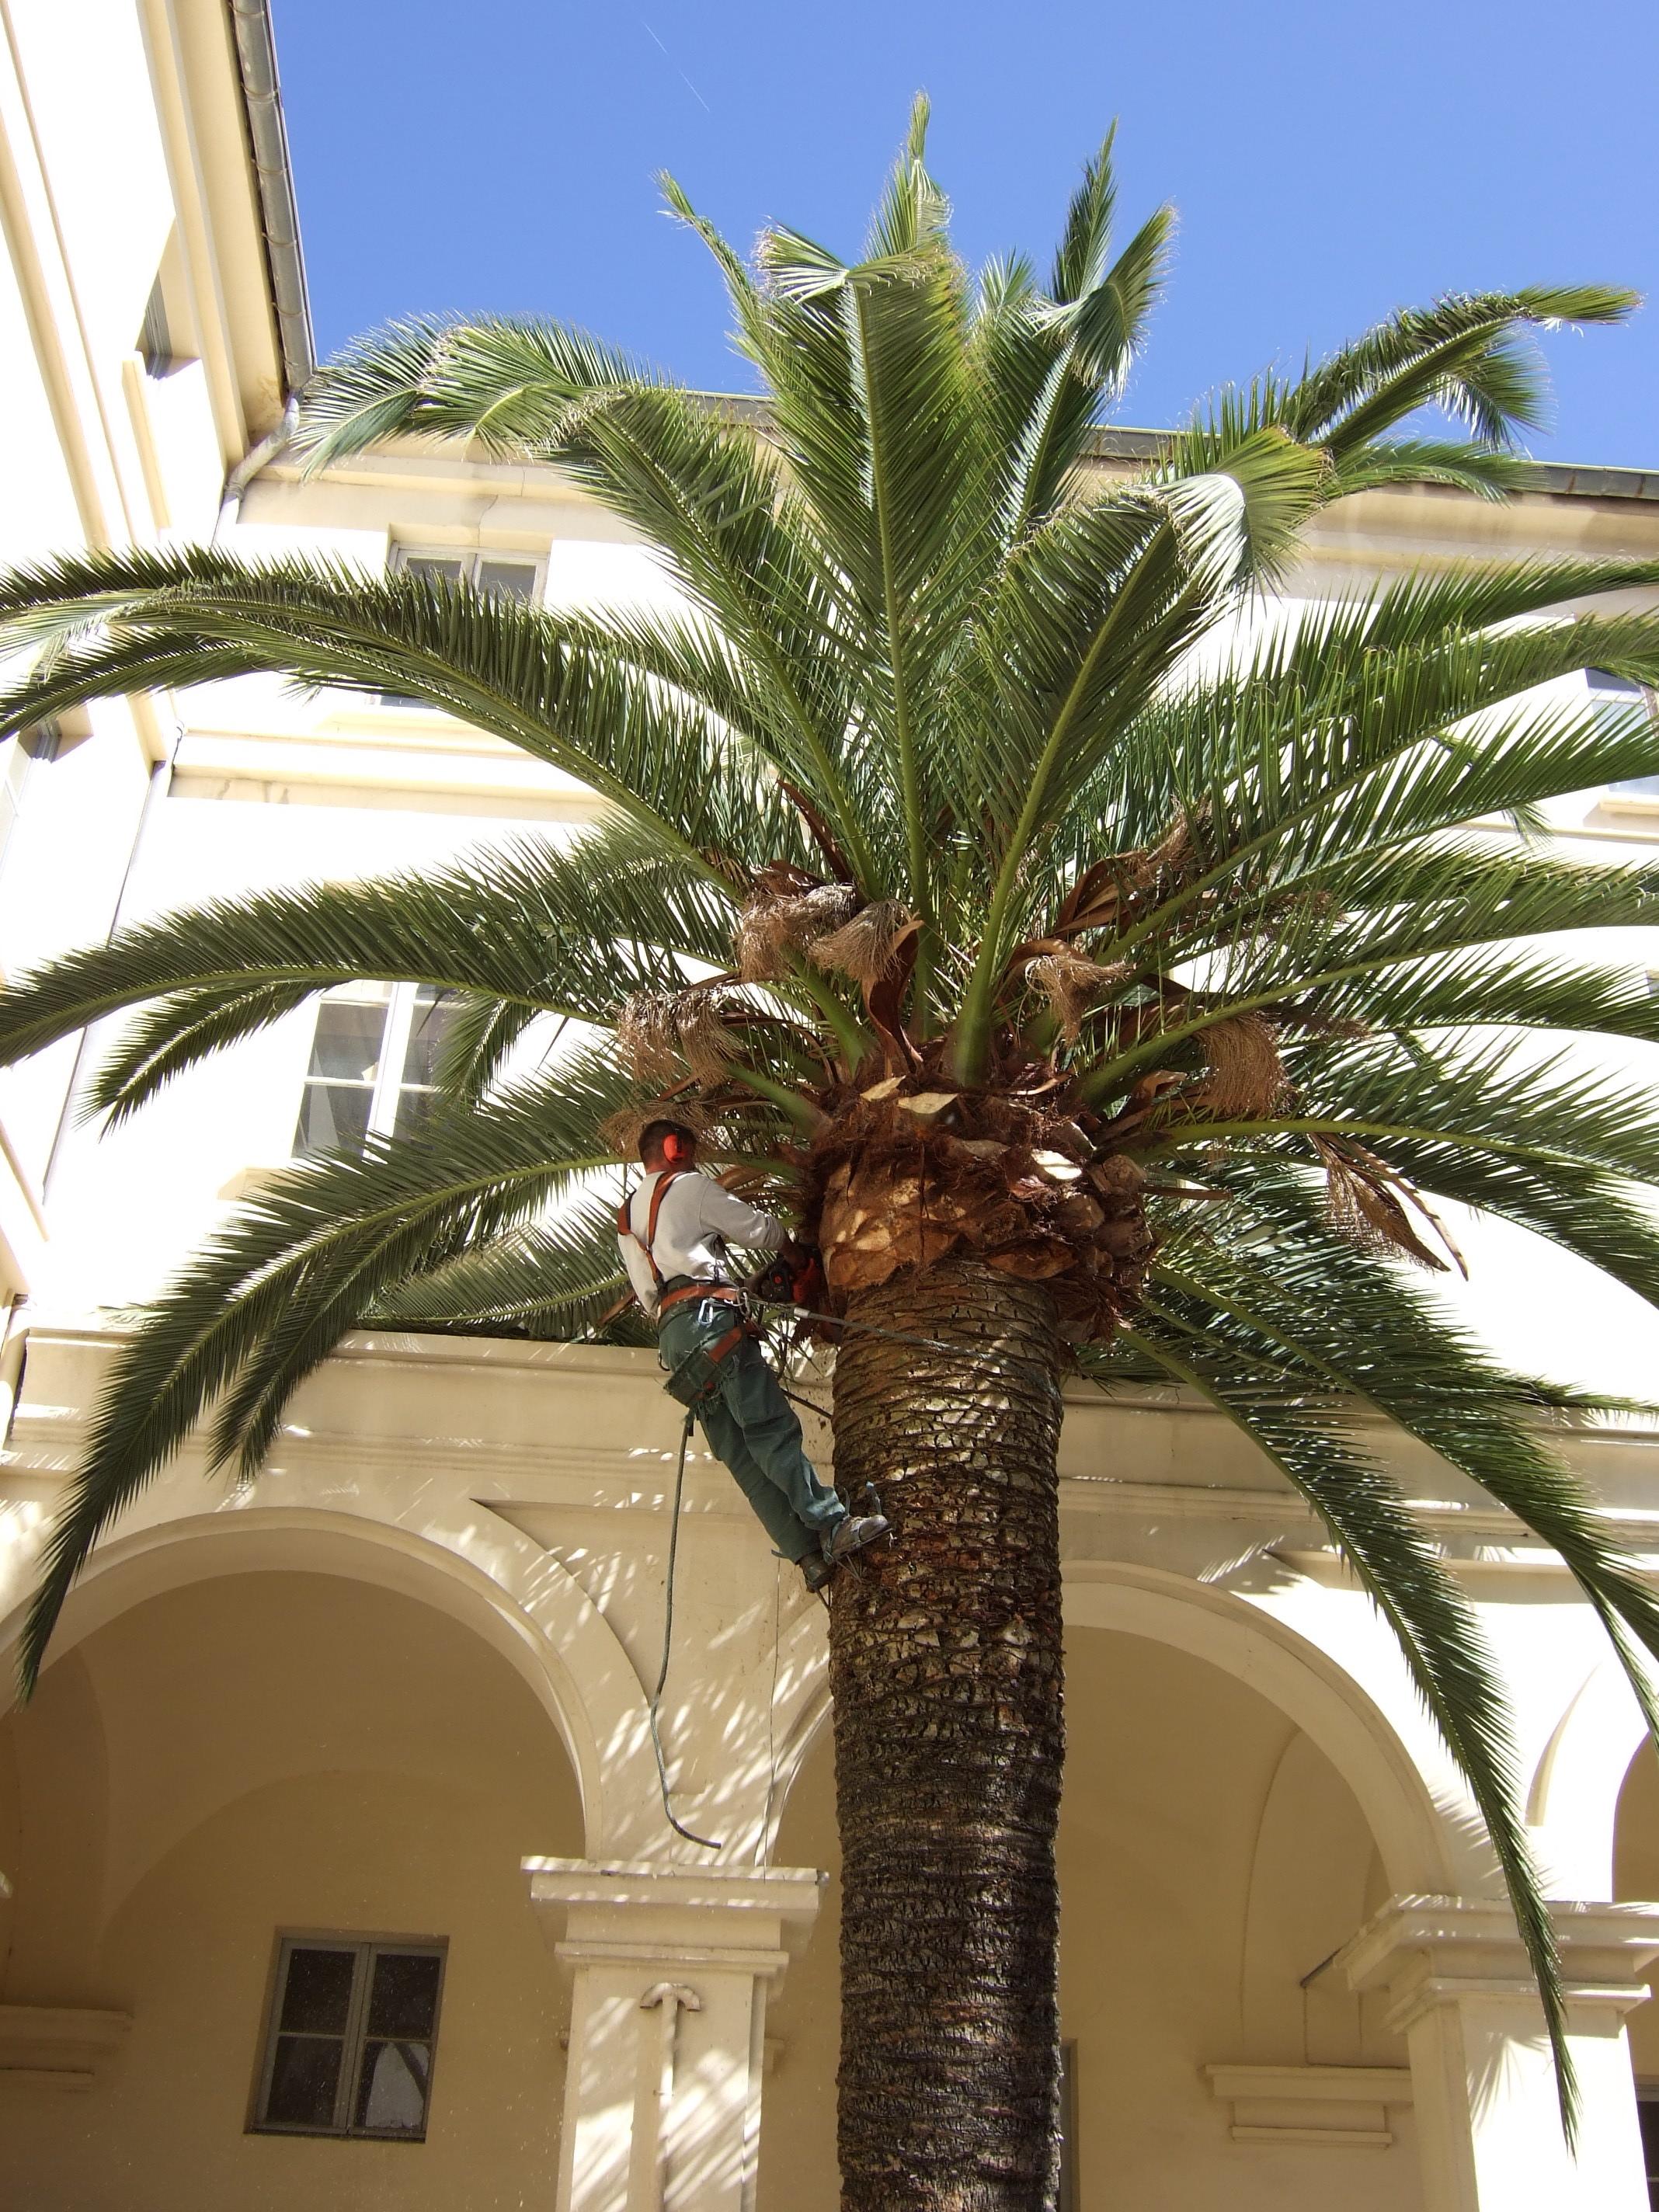 Taille de palmier entretien jardin espaces verts cannes for Entretien jardin 49